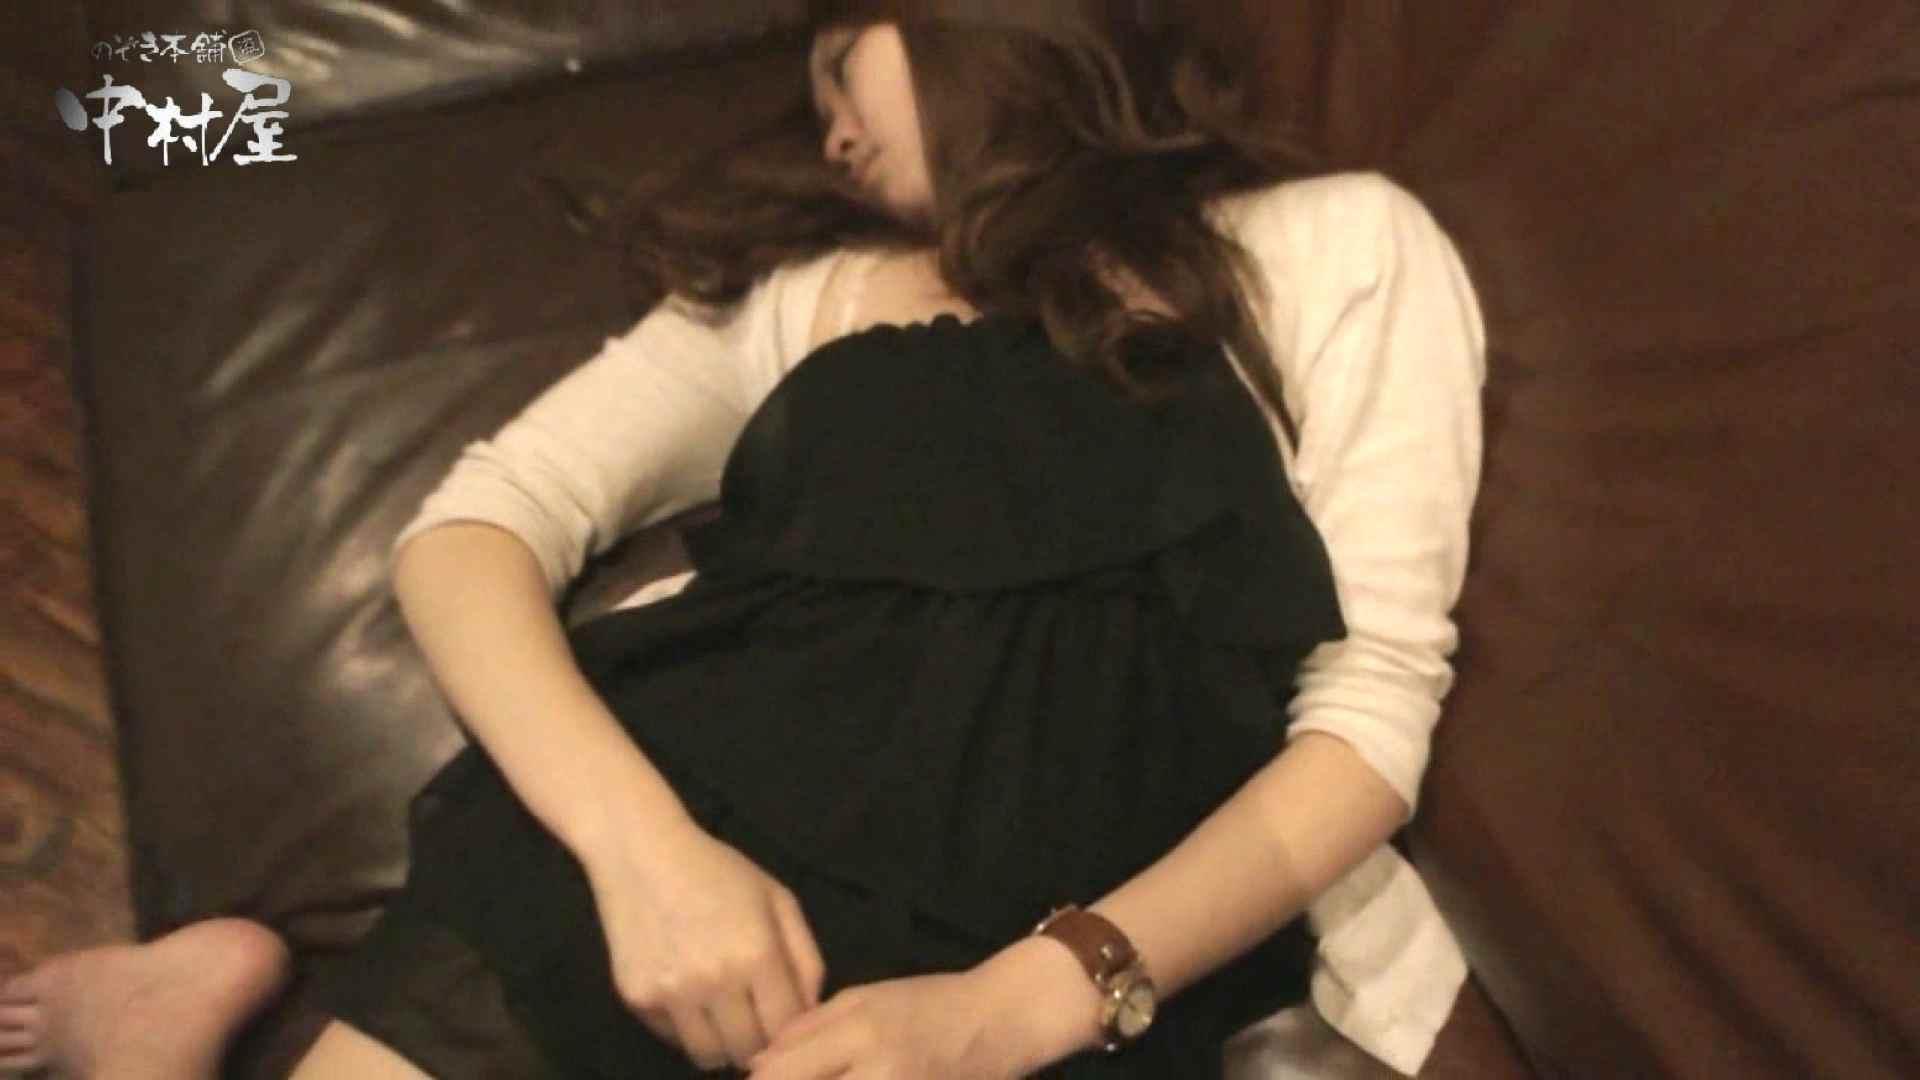 欲望 リアルドール Case.11 Sちゃん現役女子大生19歳 前編 女子大生 | イタズラ  96画像 43